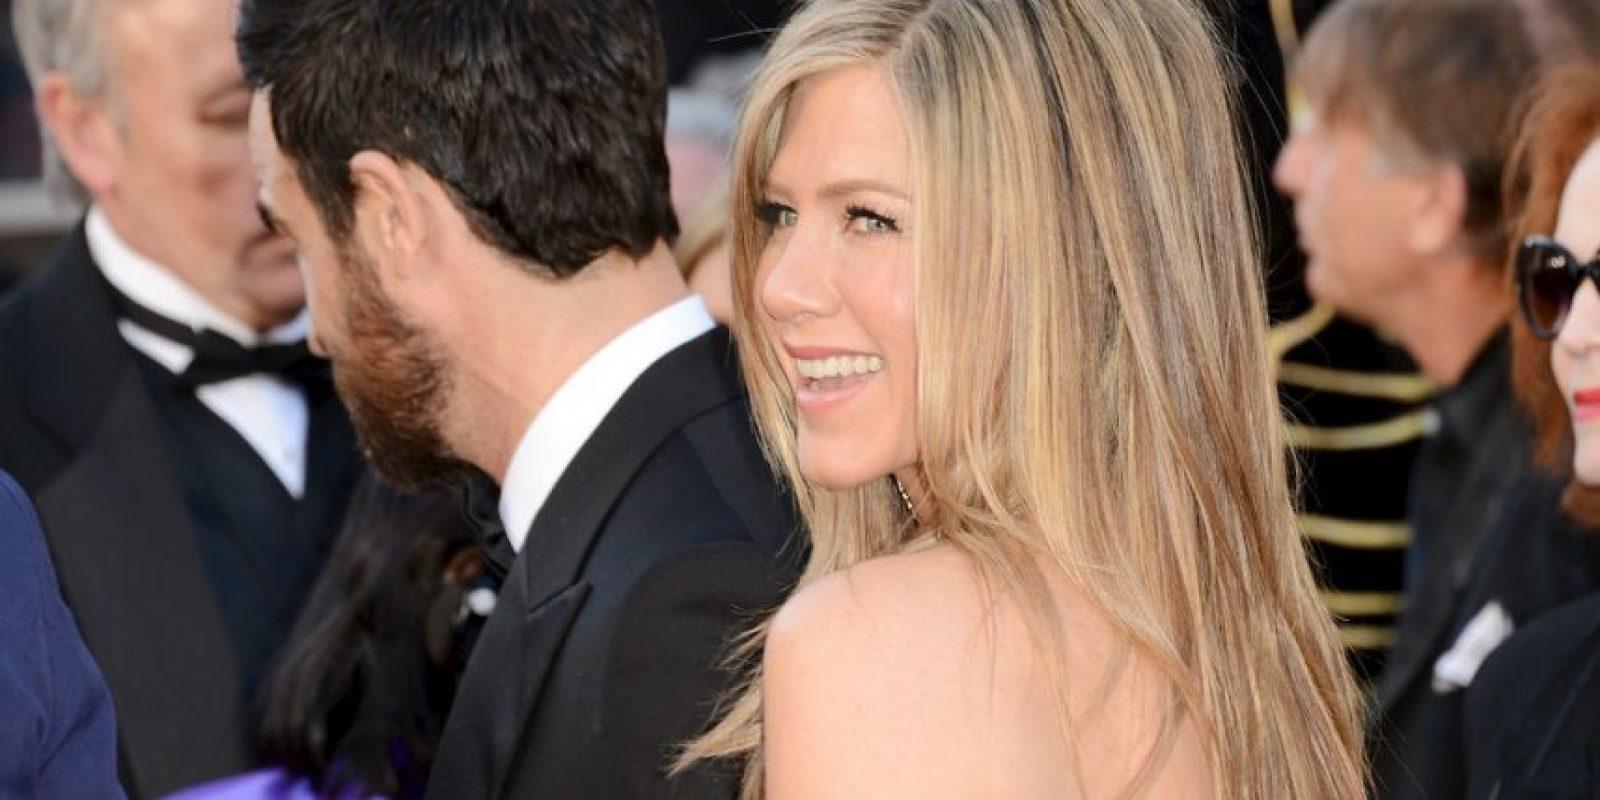 Su compromiso lo anunciaron el 12 de agosto de 2012. Foto:Getty Images